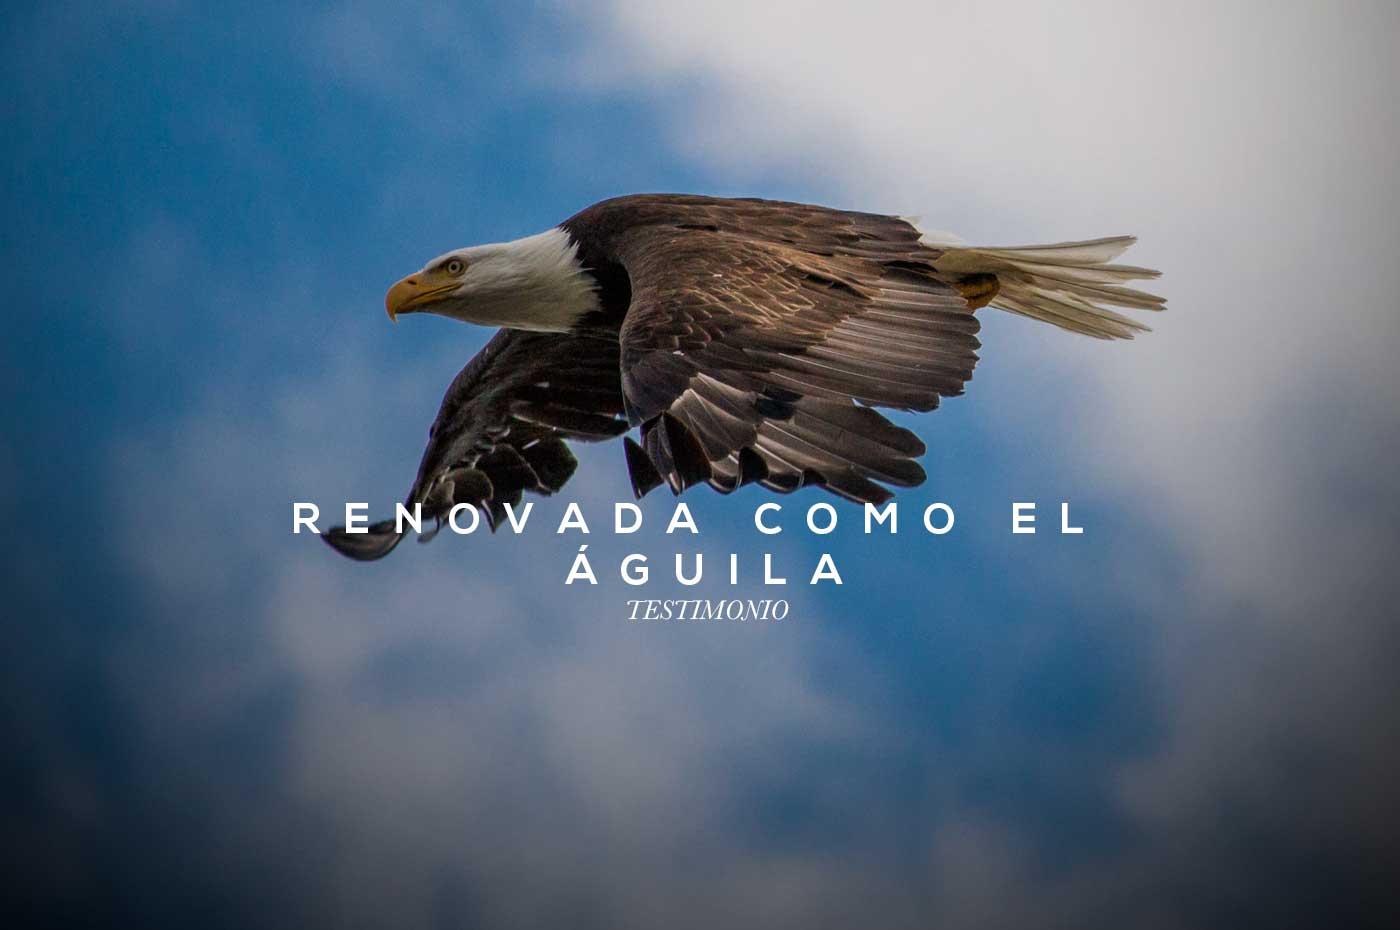 Renovada como el águila- Testimonio